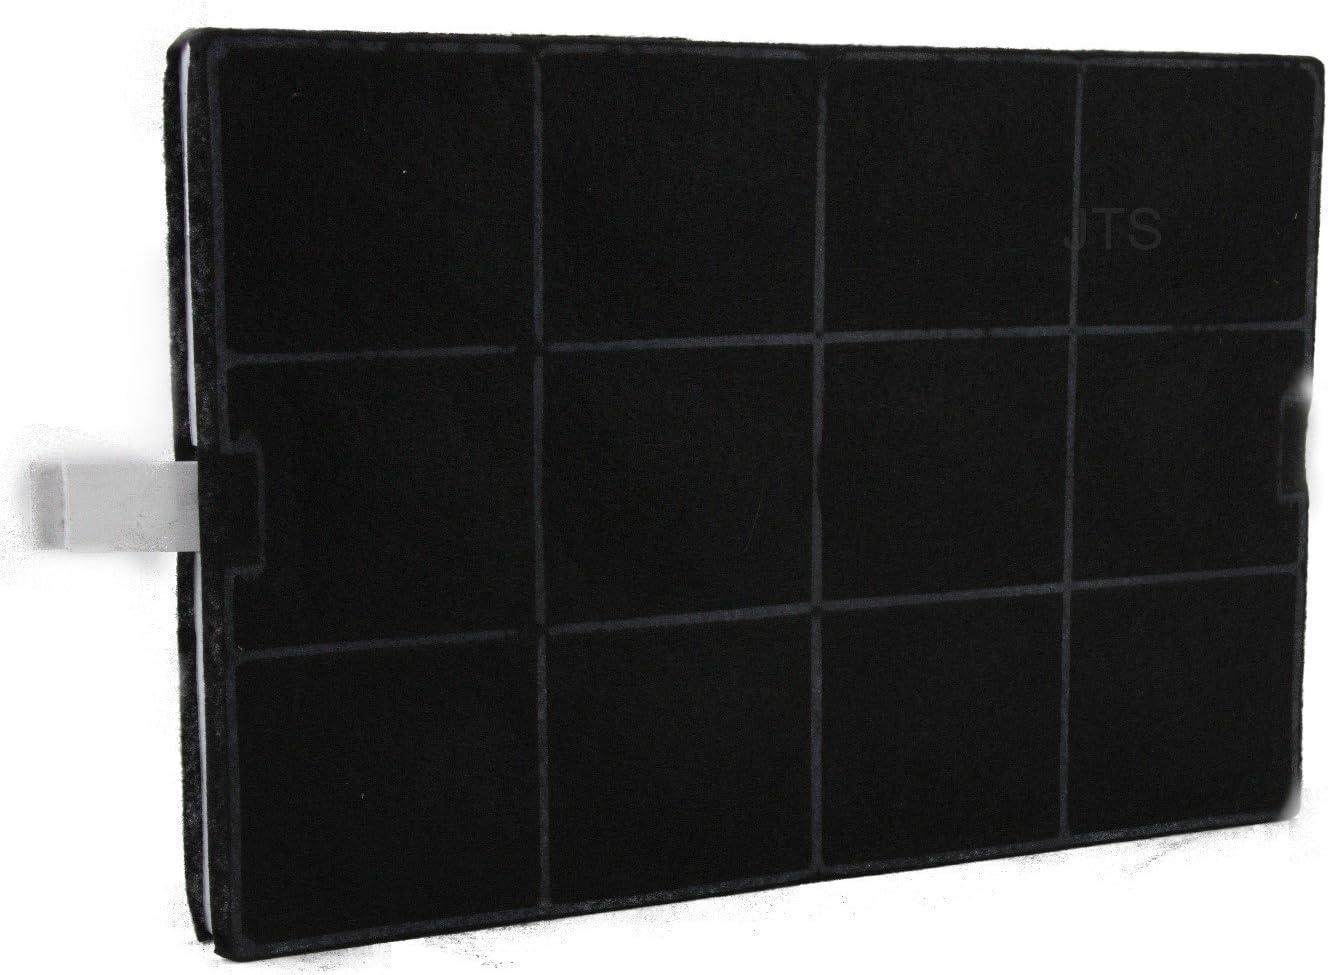 Original Filtre à charbon actif 351210 charbon Filtre siemens Bosch 00351210 lz54051